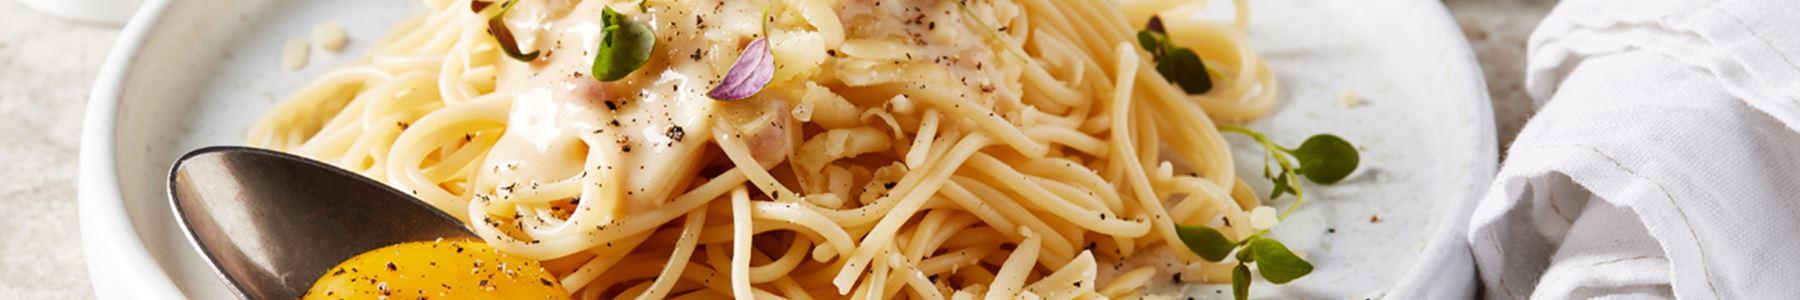 Lättlagat + Snabb + Italiensk